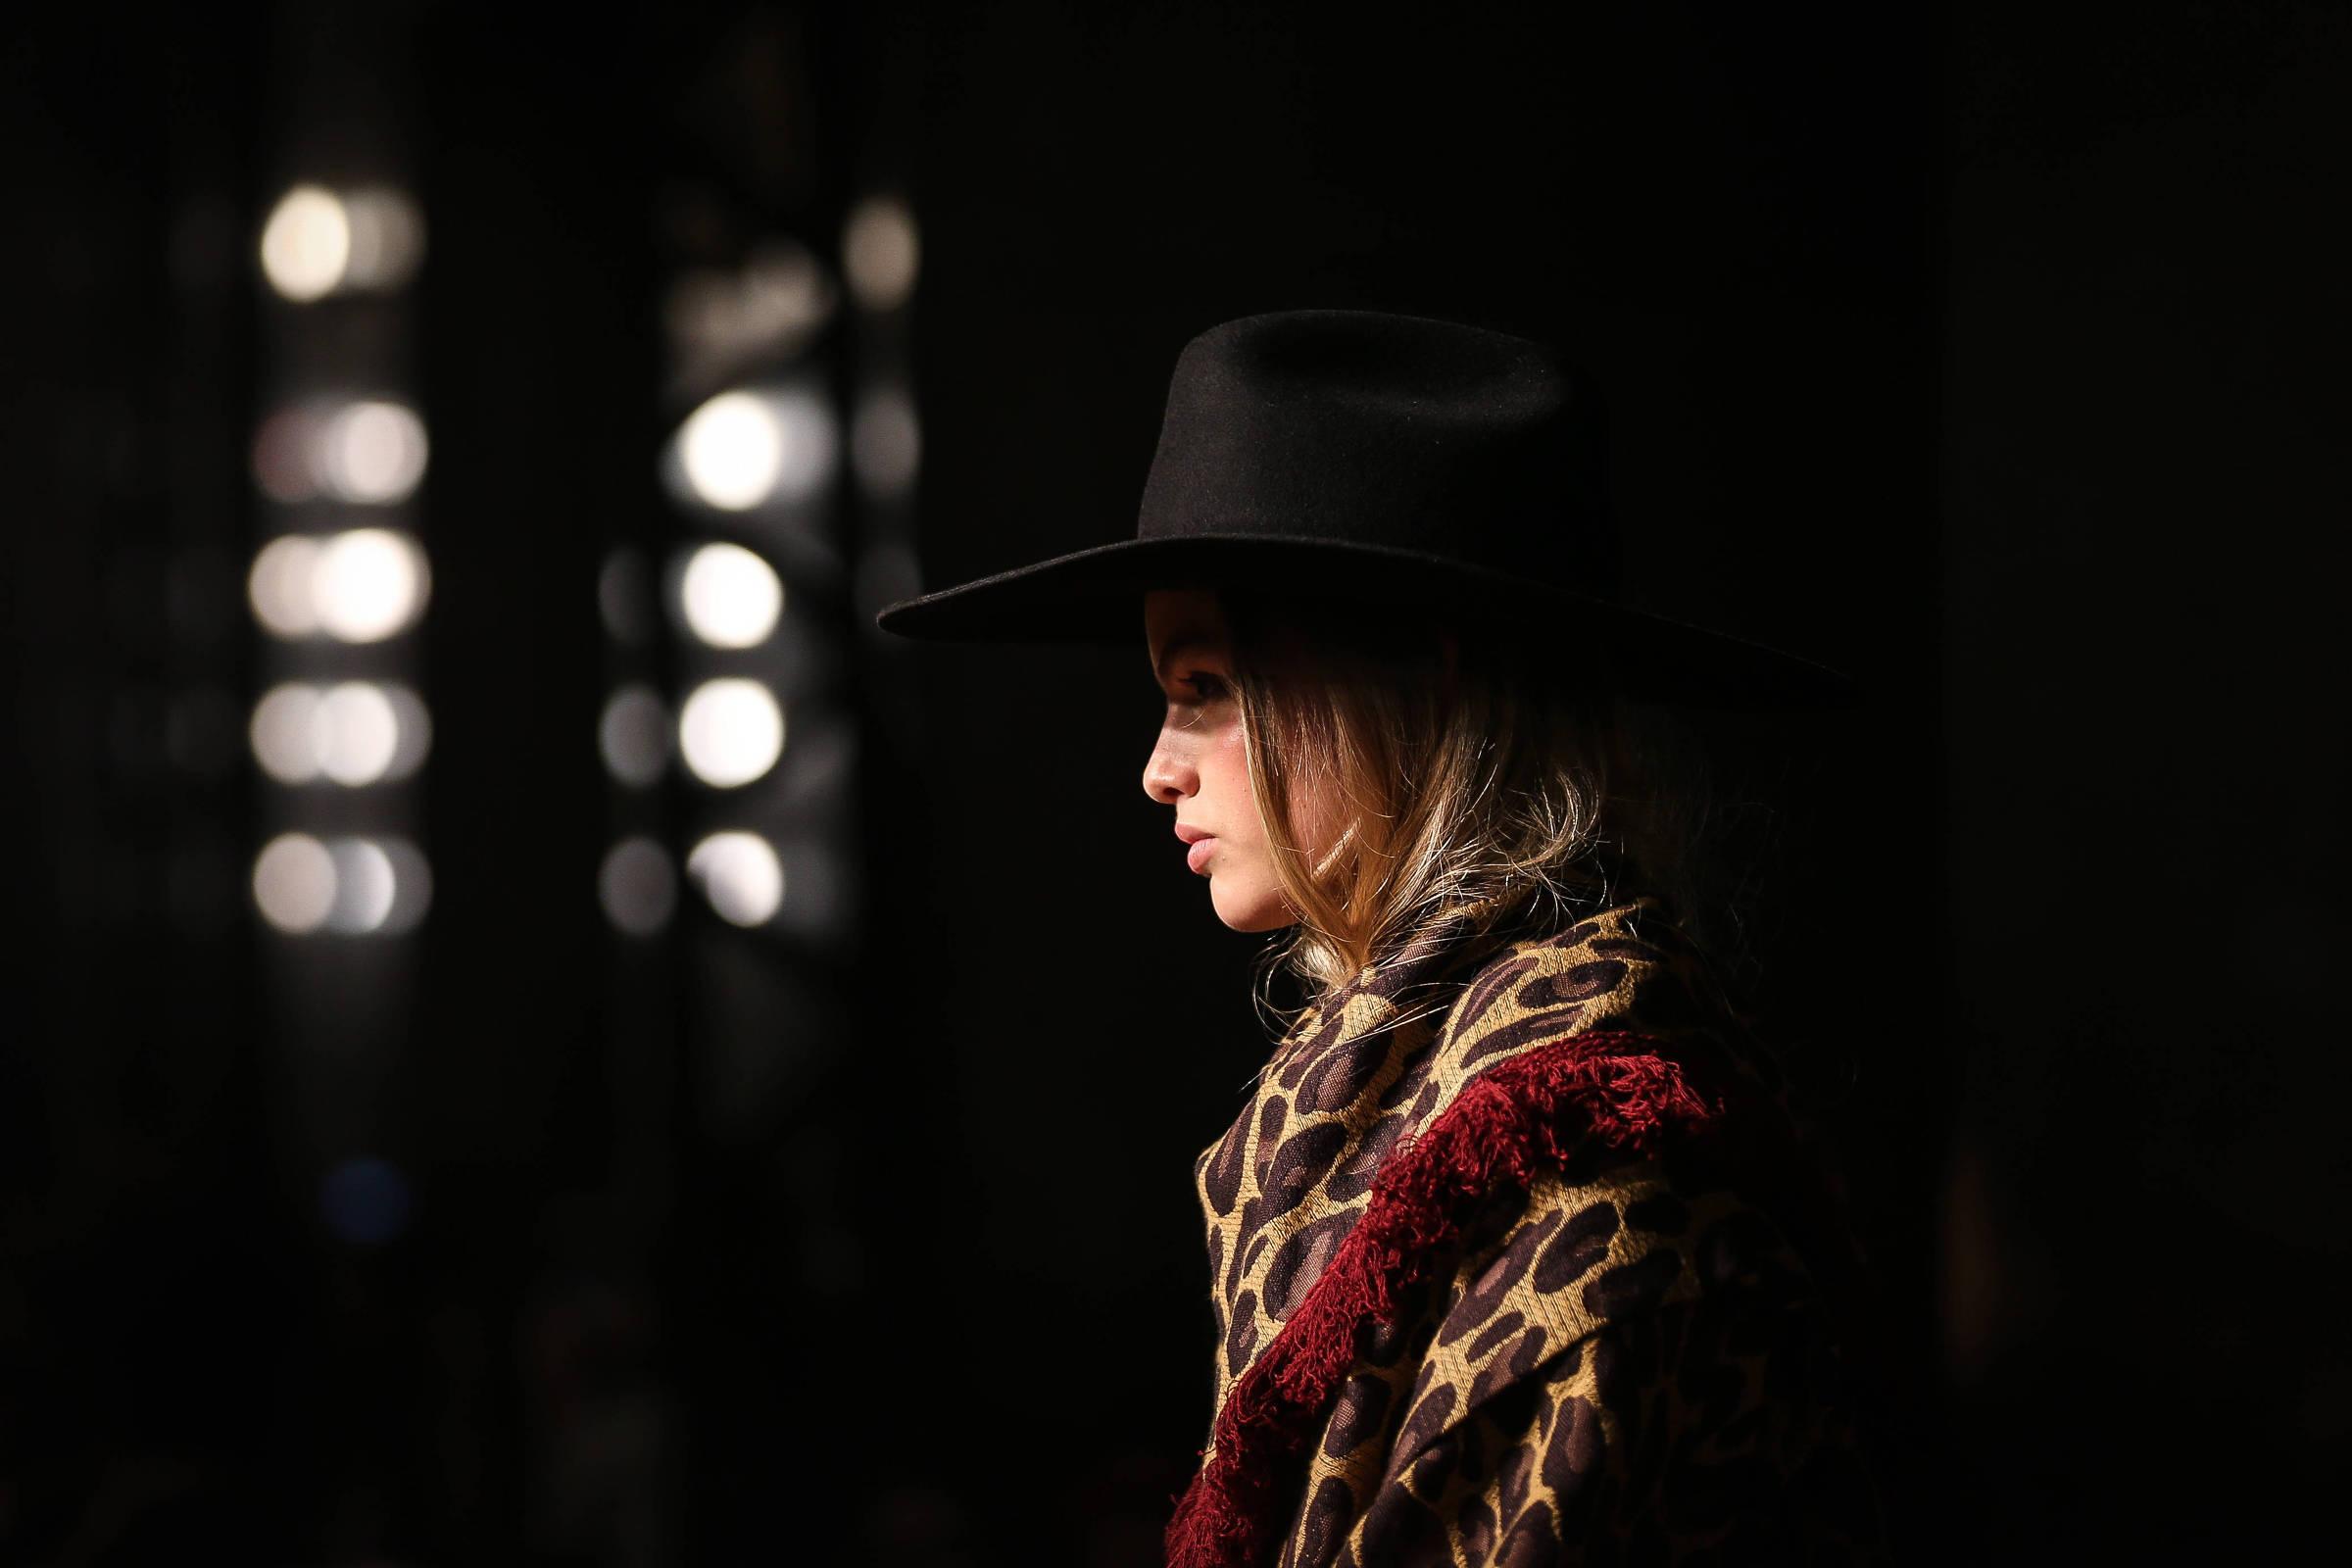 SPFW começa com desfile  western  da Lilly Sarti, melancólica e sem alarde  - 21 10 2018 - Ilustrada - Folha 598b1ca760